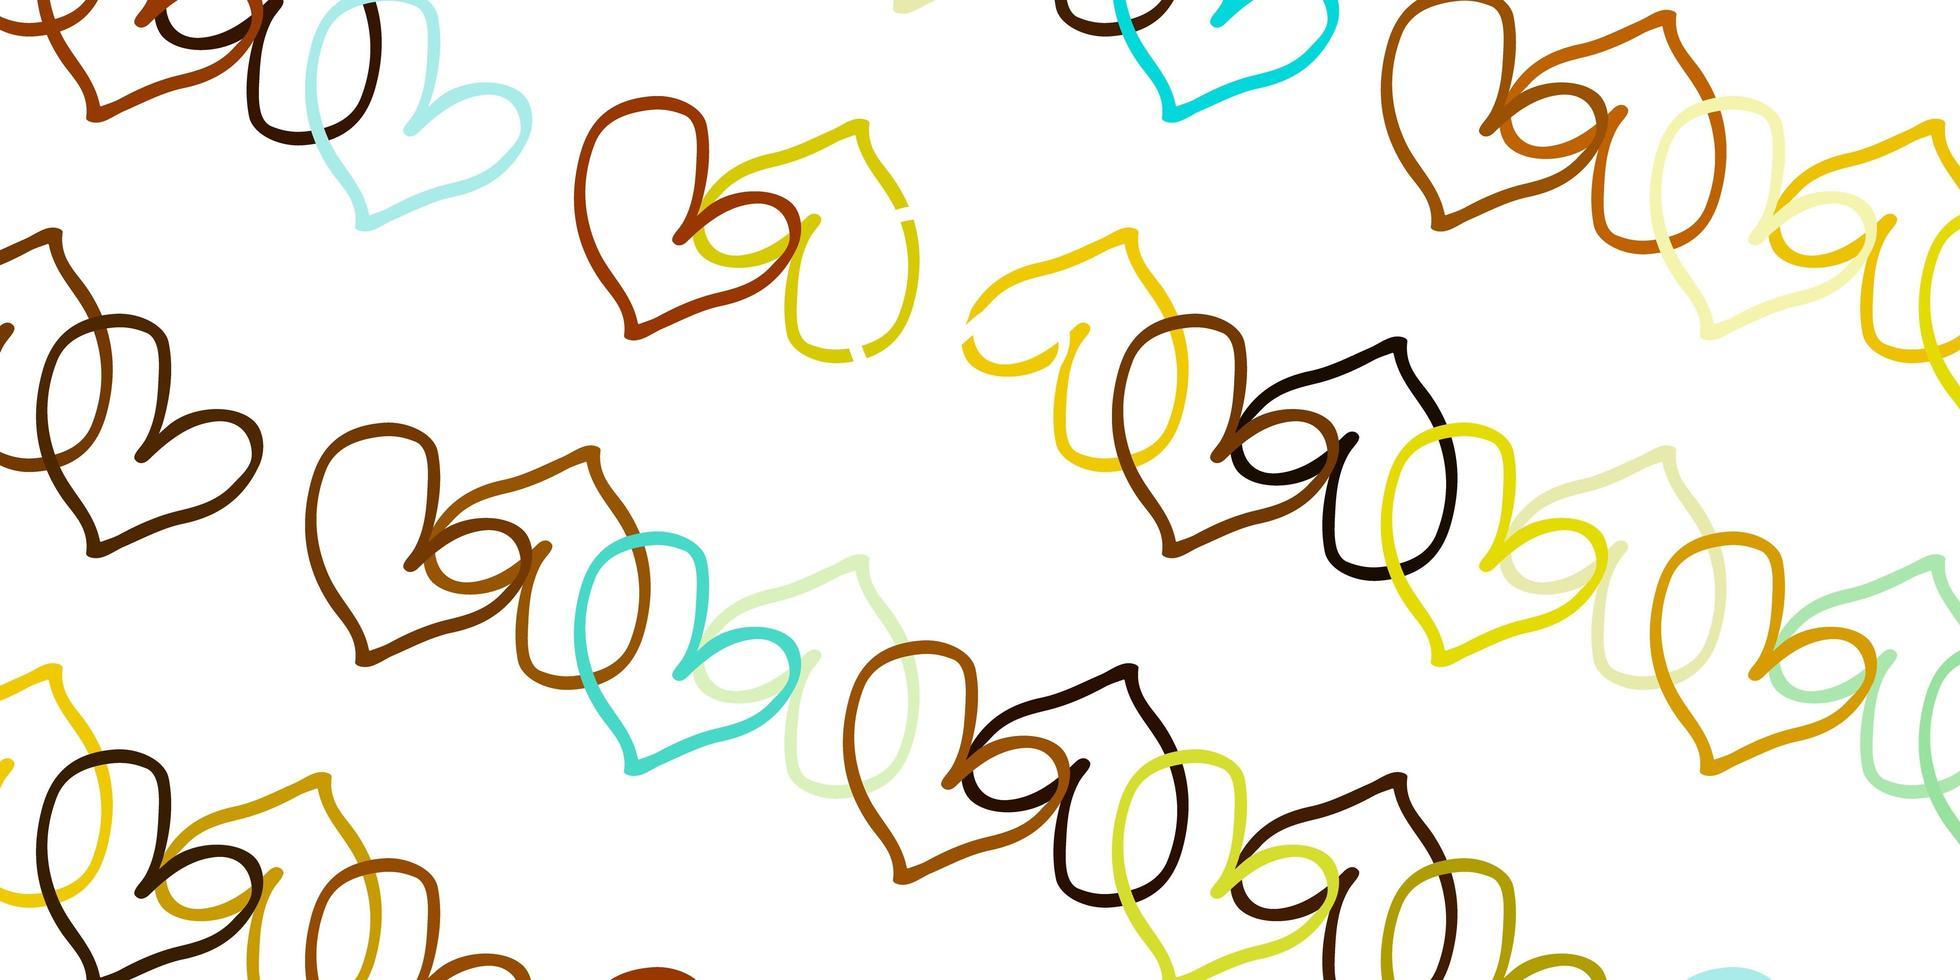 modelo de vetor azul claro e amarelo com corações de doodle